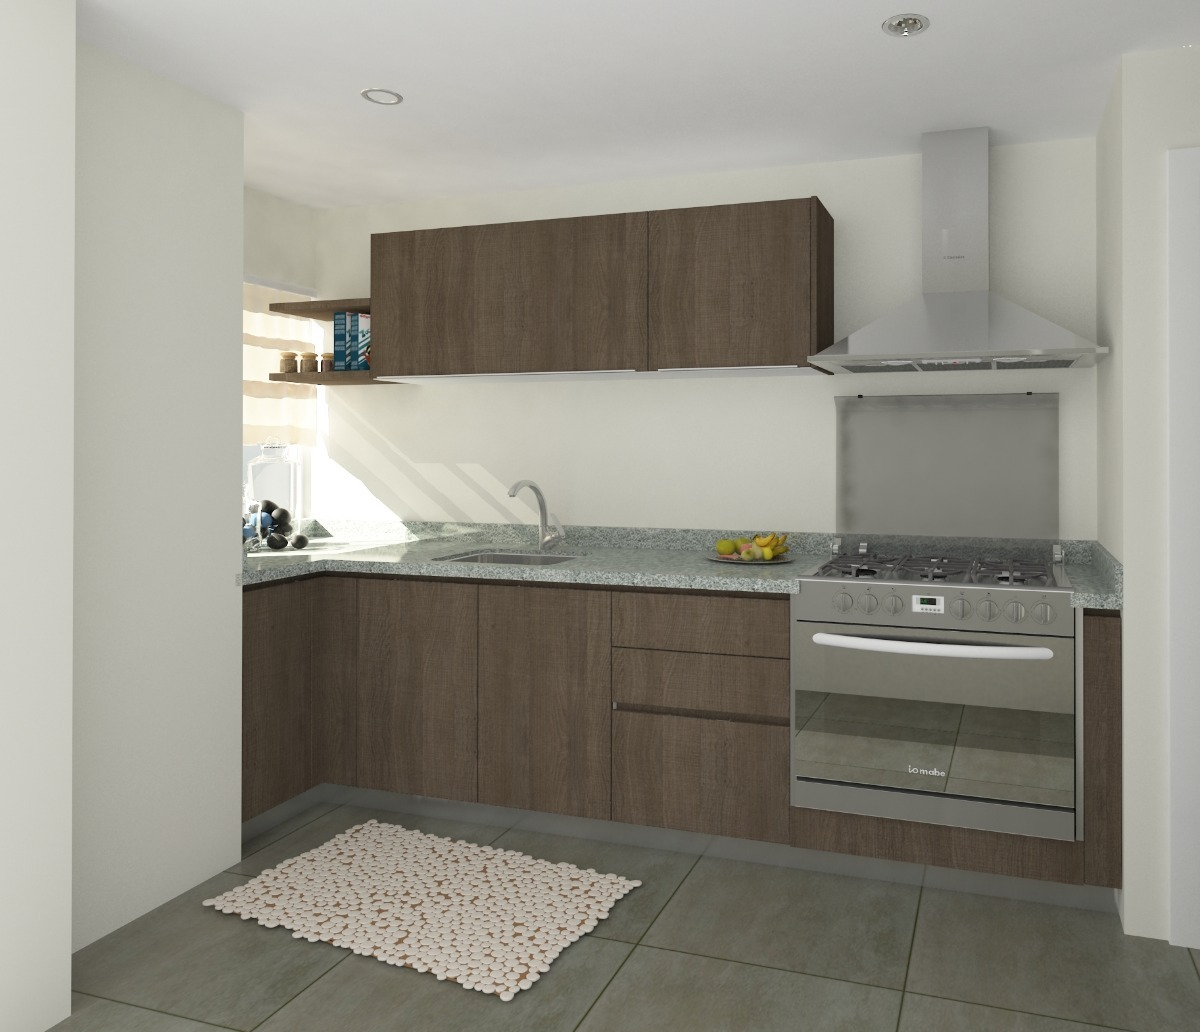 Excepcional Cocina A Medida Diseño Stroud Bosquejo - Ideas de ...